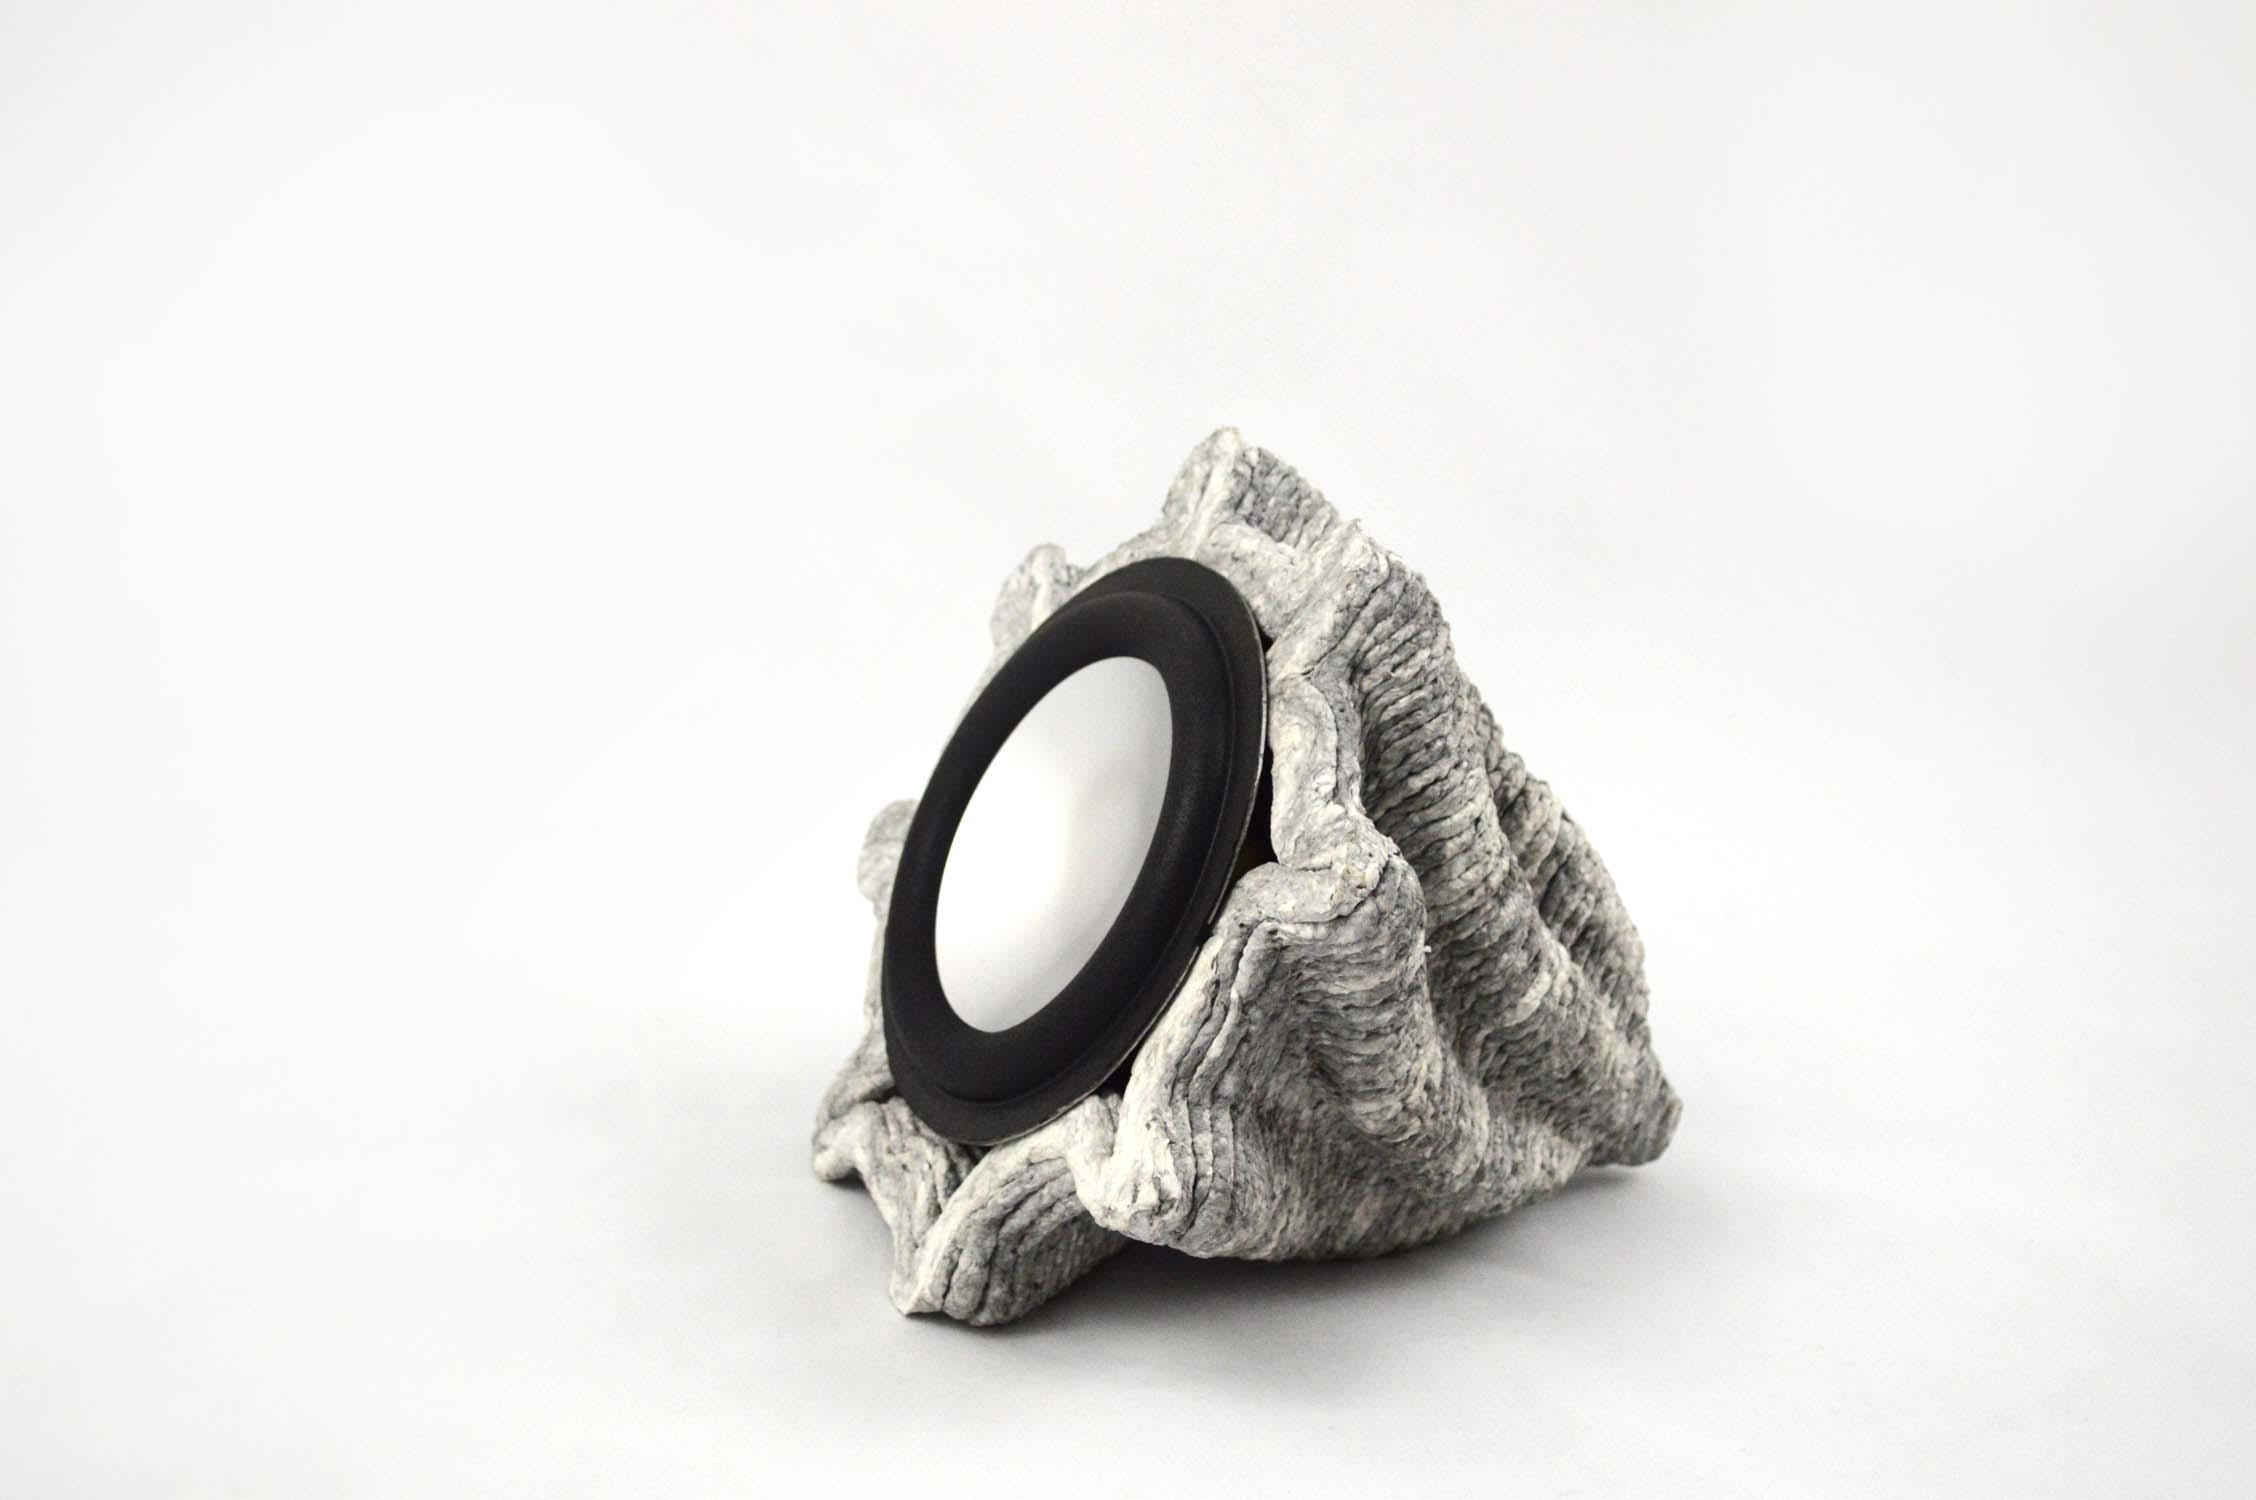 3D printing barcelona and mexico, Beer Holthius, Paper Pulp Printer, paper reciclado, reciclaje, Curso impresion 3D